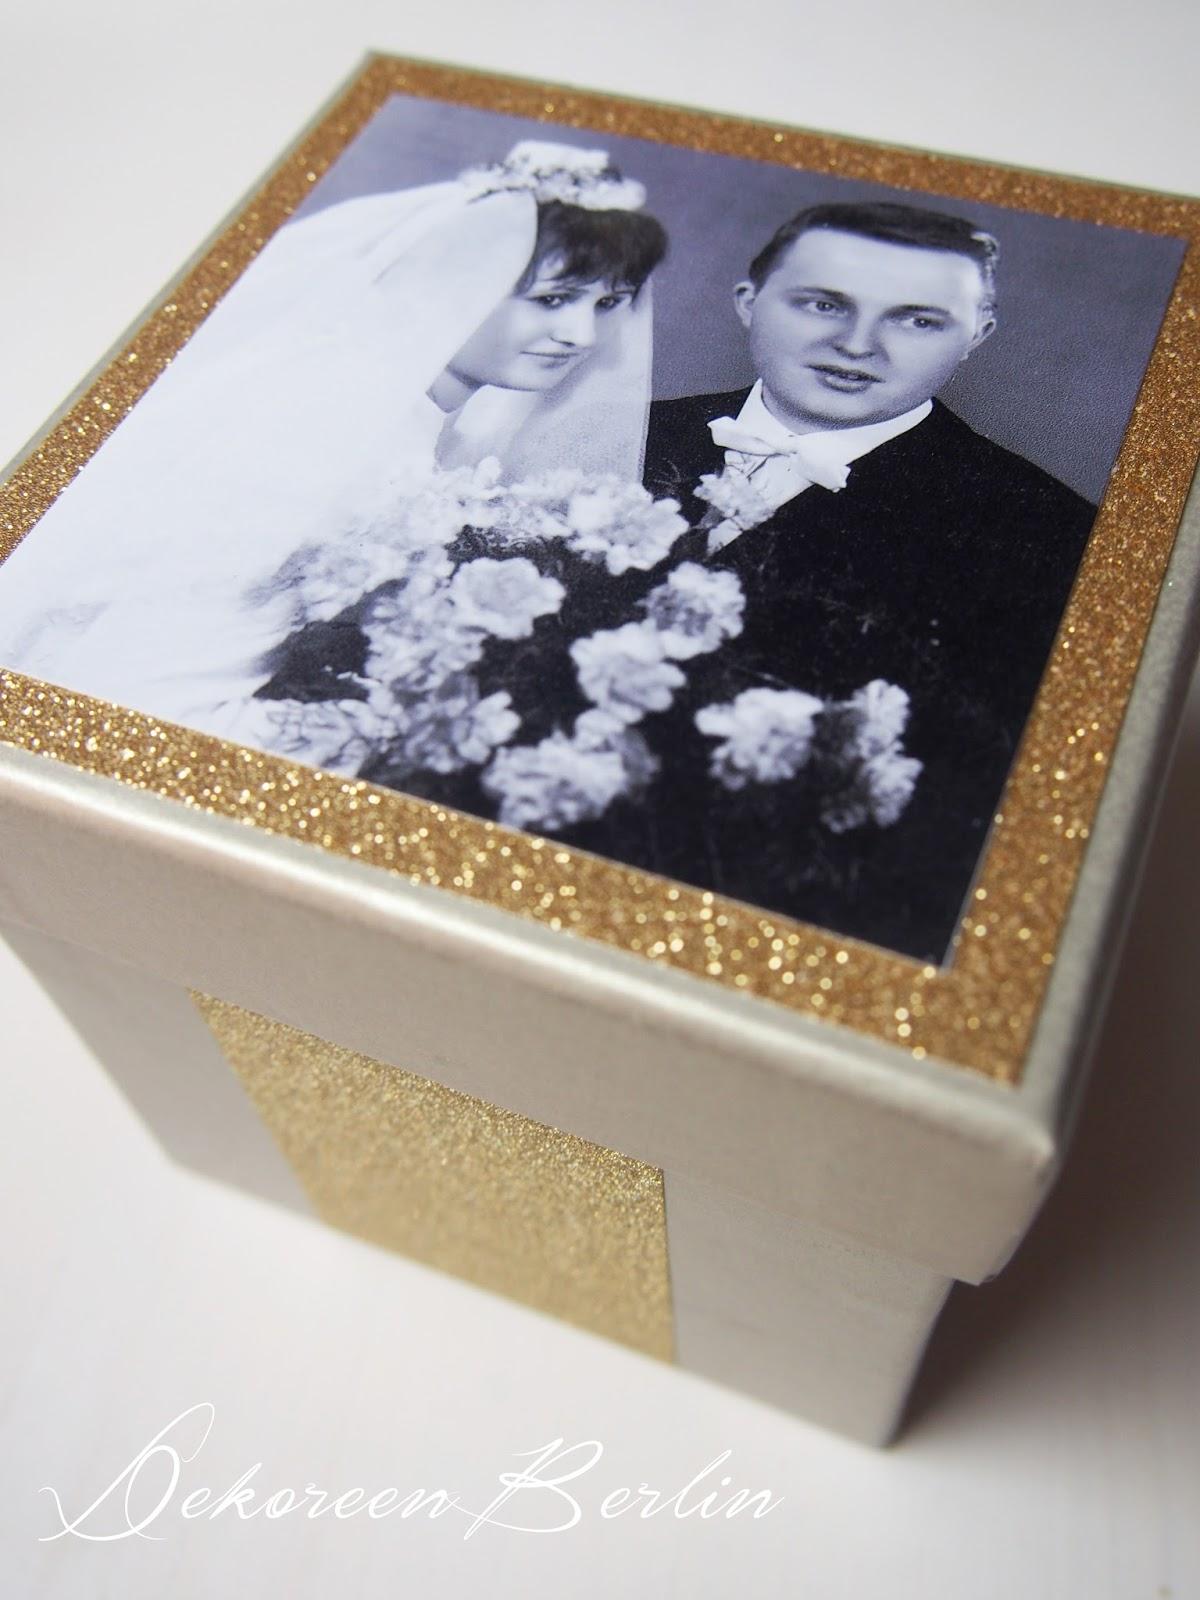 DekOreenBerlin Geschenke zur goldenen Hochzeit